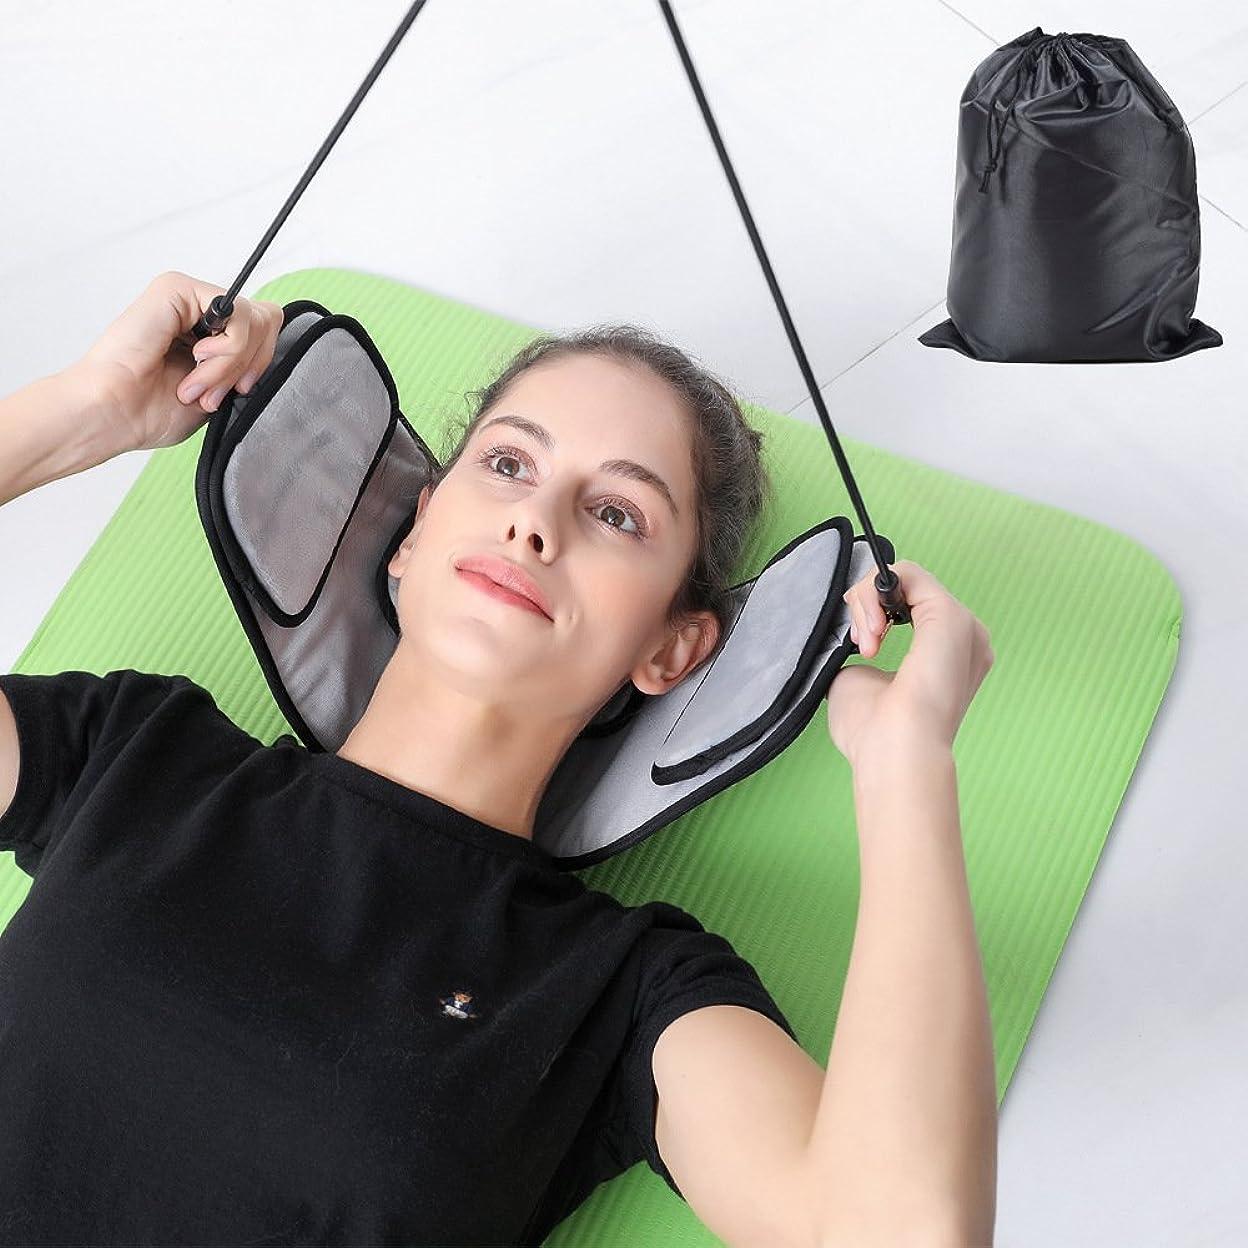 レベル憂鬱不和首ストレッチャー 首牽引機 快眠枕 マッサージ枕 首 疲労を軽減,頚部の痛みの軽減,男女兼用 より厚く固い